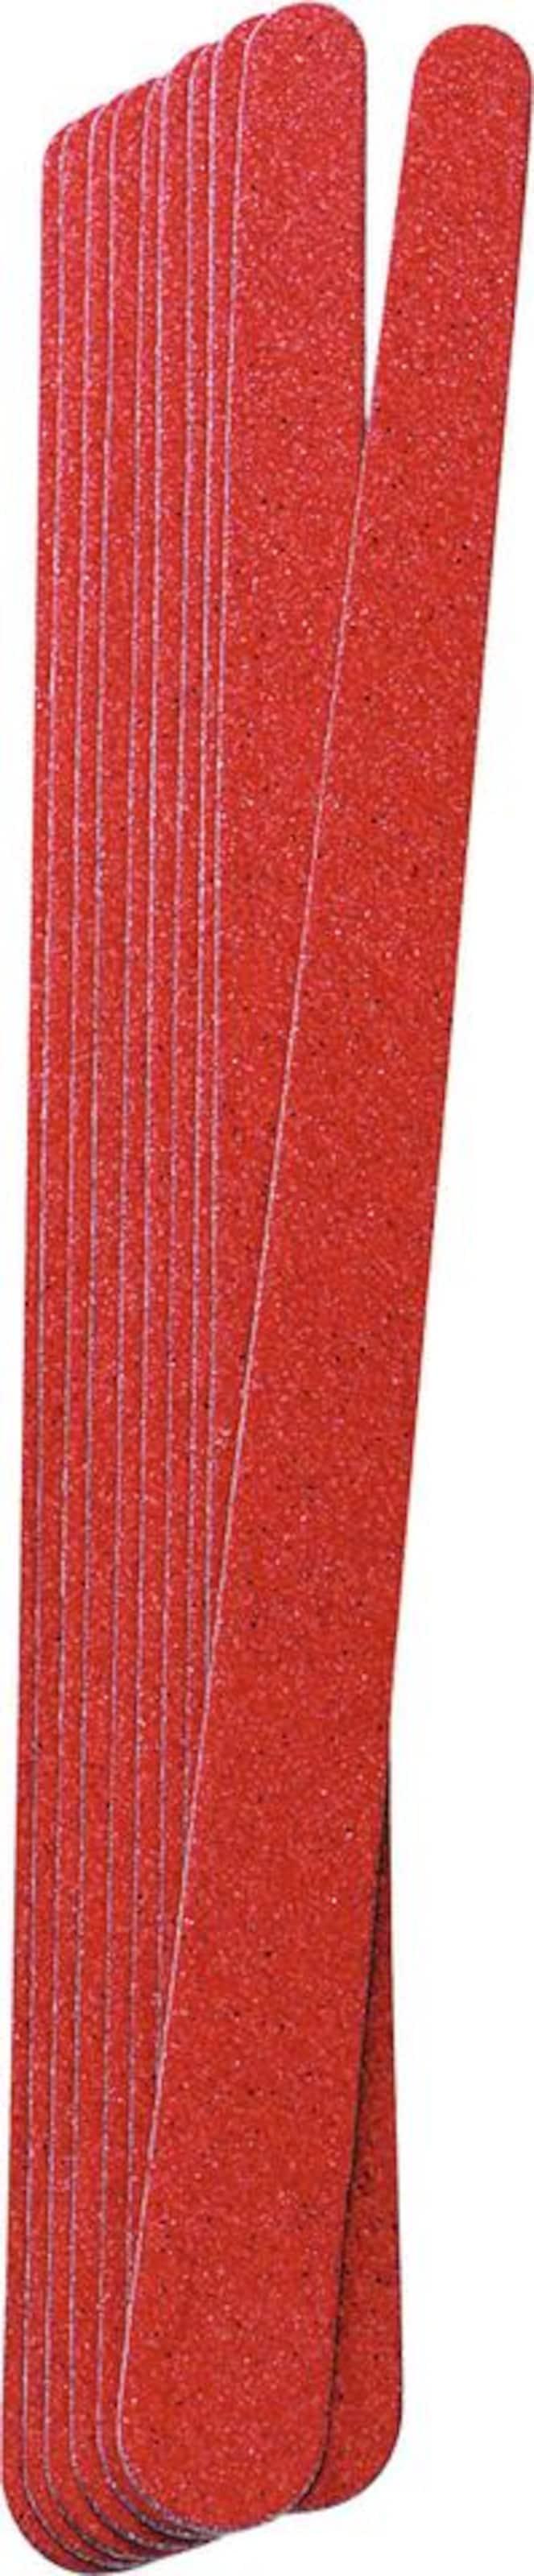 Rabatt Besuch ZWILLING 'Sandblattfeilen' Classic Inox Serie Billig Verkauf Zuverlässig Echte Online 100% Ig Garantiert Verkauf Online Meistverkauft YpYufxD8f